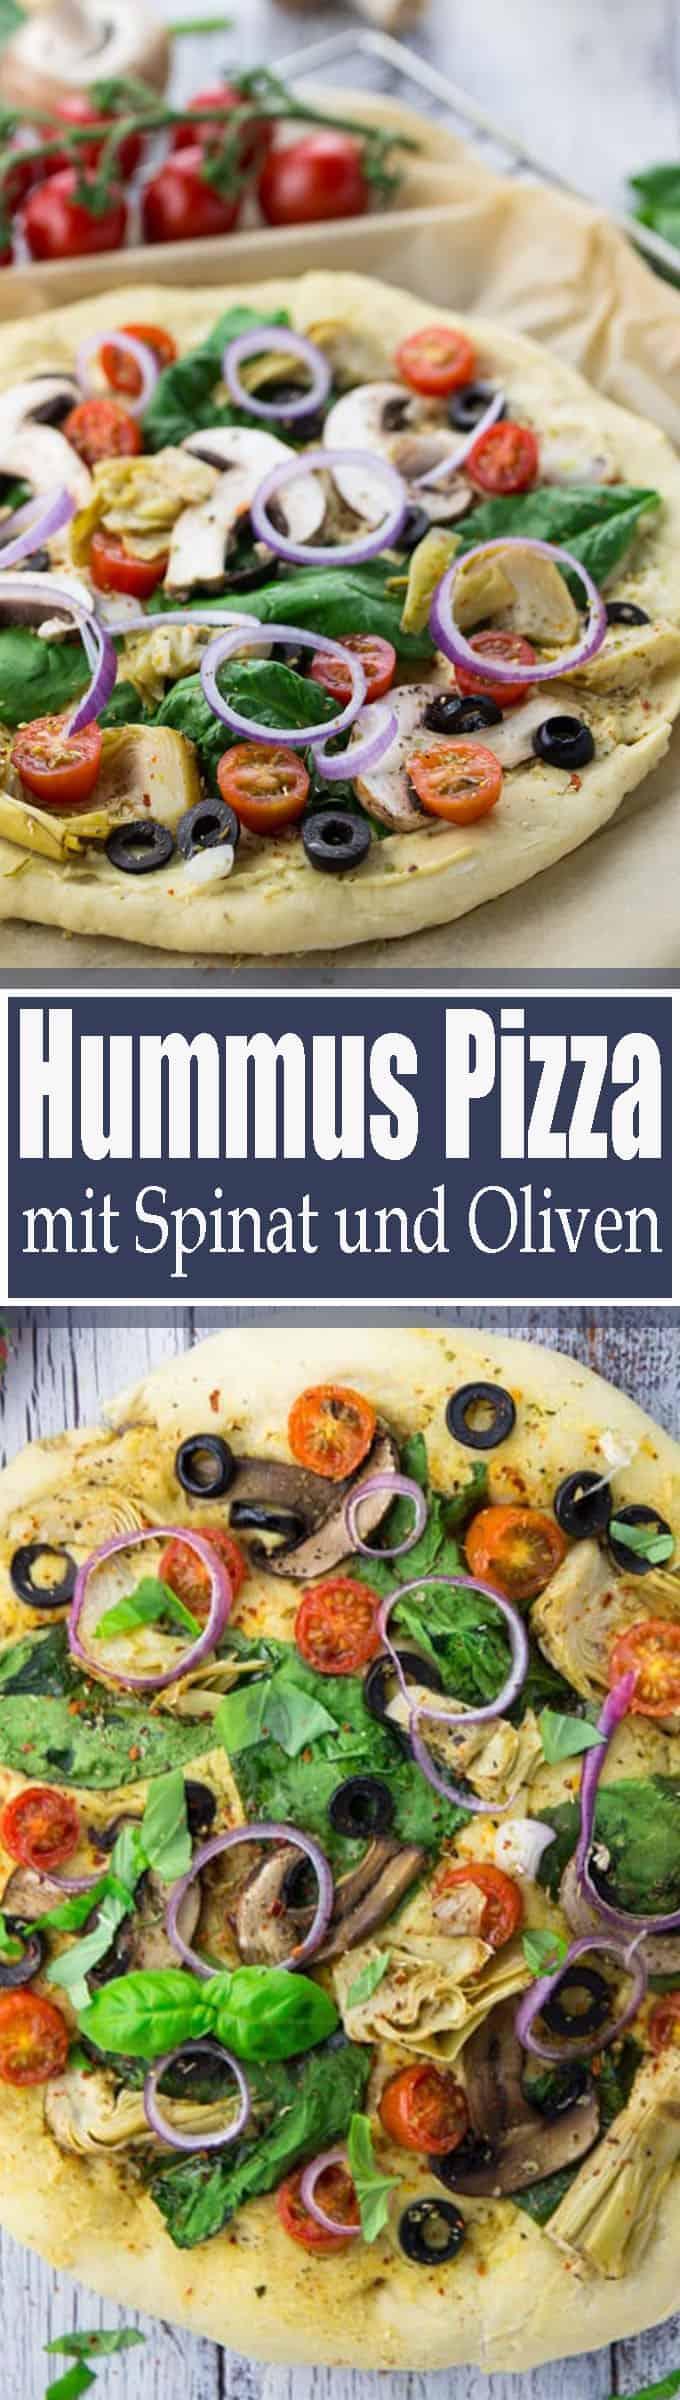 Wenn ihr auf der Suche nach einem leckeren Pizza Rezept seid, ist diese Hummus Pizza mit Spinat, Artichocken und Oliven genau richtig! Mehr vegetarische Rezepte und vegane Rezepte auf veganheaven.de! <3